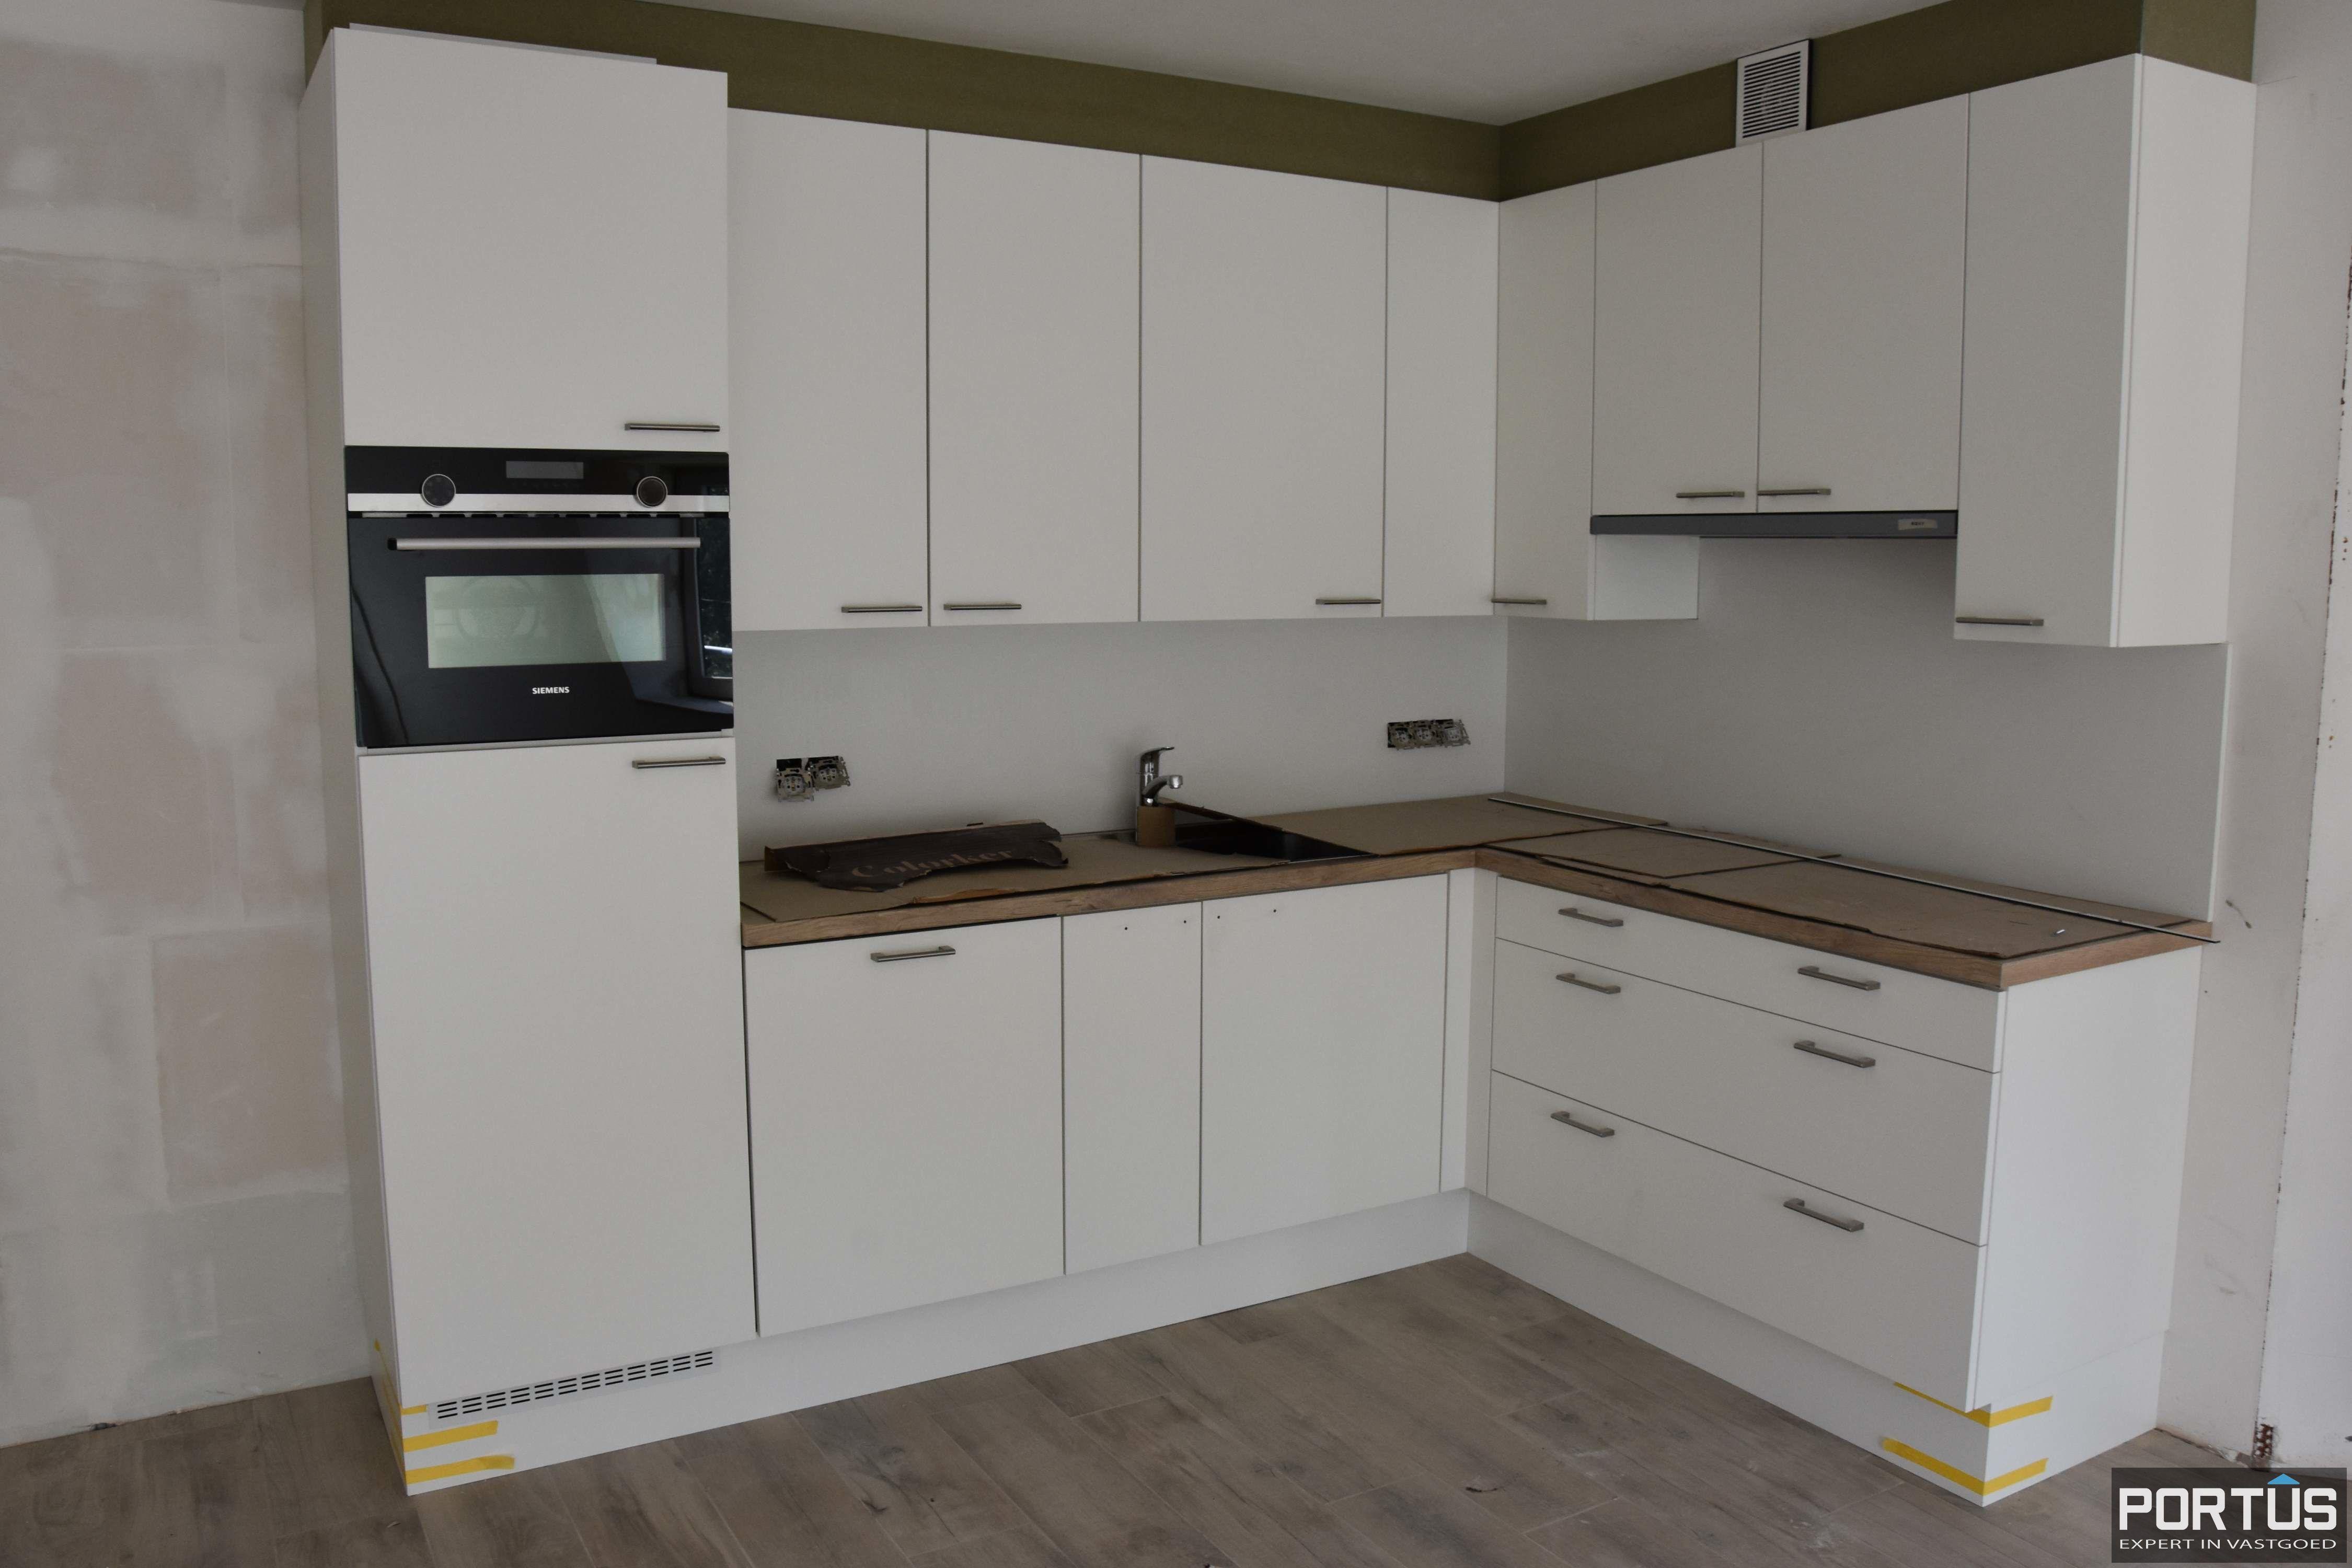 Appartement Residentie Villa Crombez Nieuwpoort - 8362